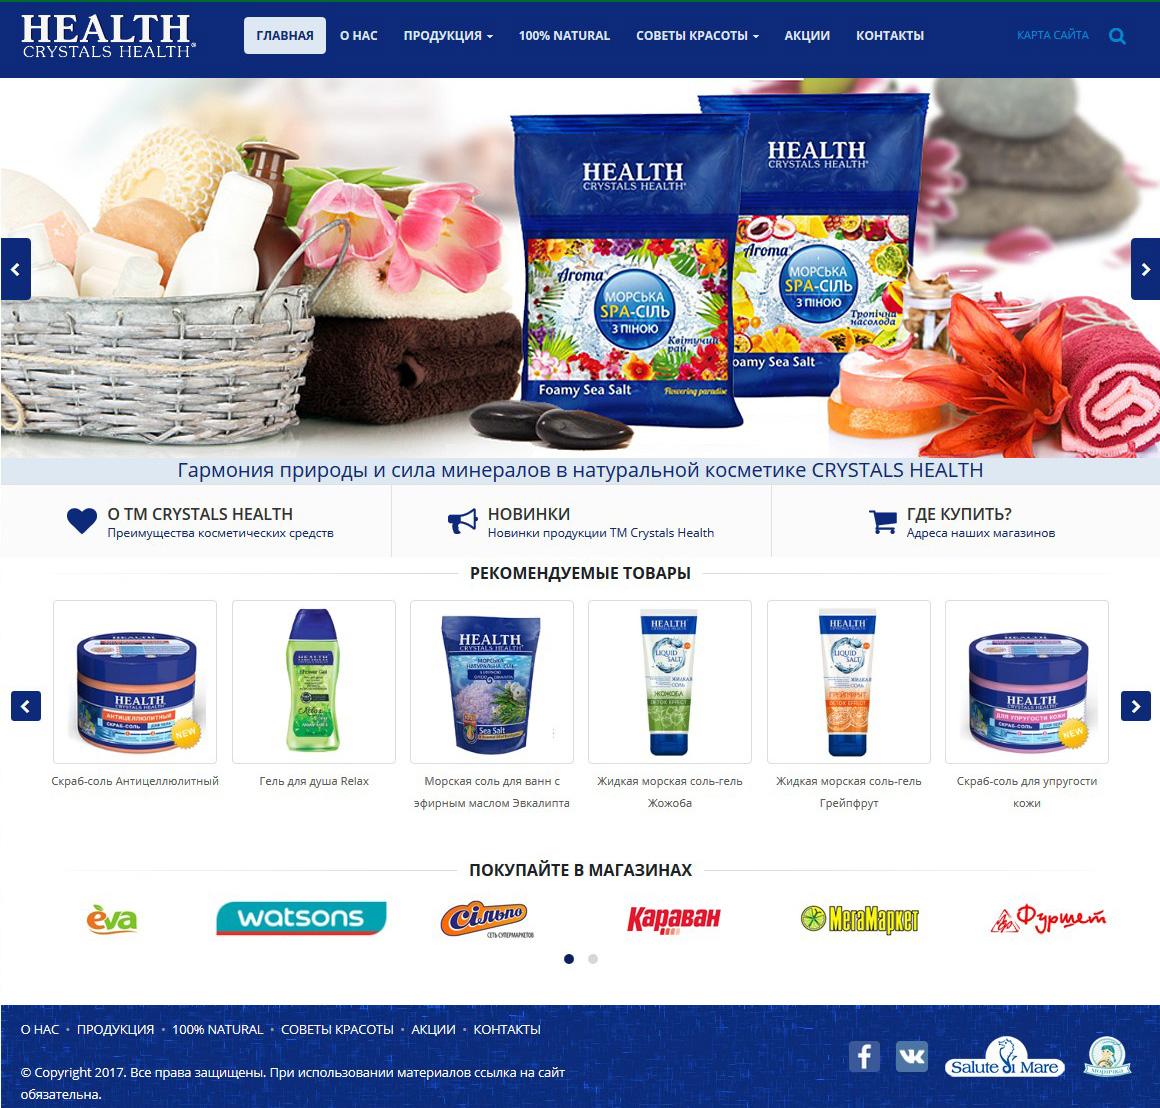 Фото Косметическая продукция Crystals Health™. С косметическим брендом «Crystals Health» я сотрудничаю на регулярной основе несколько лет. Время от времени занимаюсь разработкой новых промо-страниц для продукции компании. Также я осуществляю техническую и информационную поддержку.